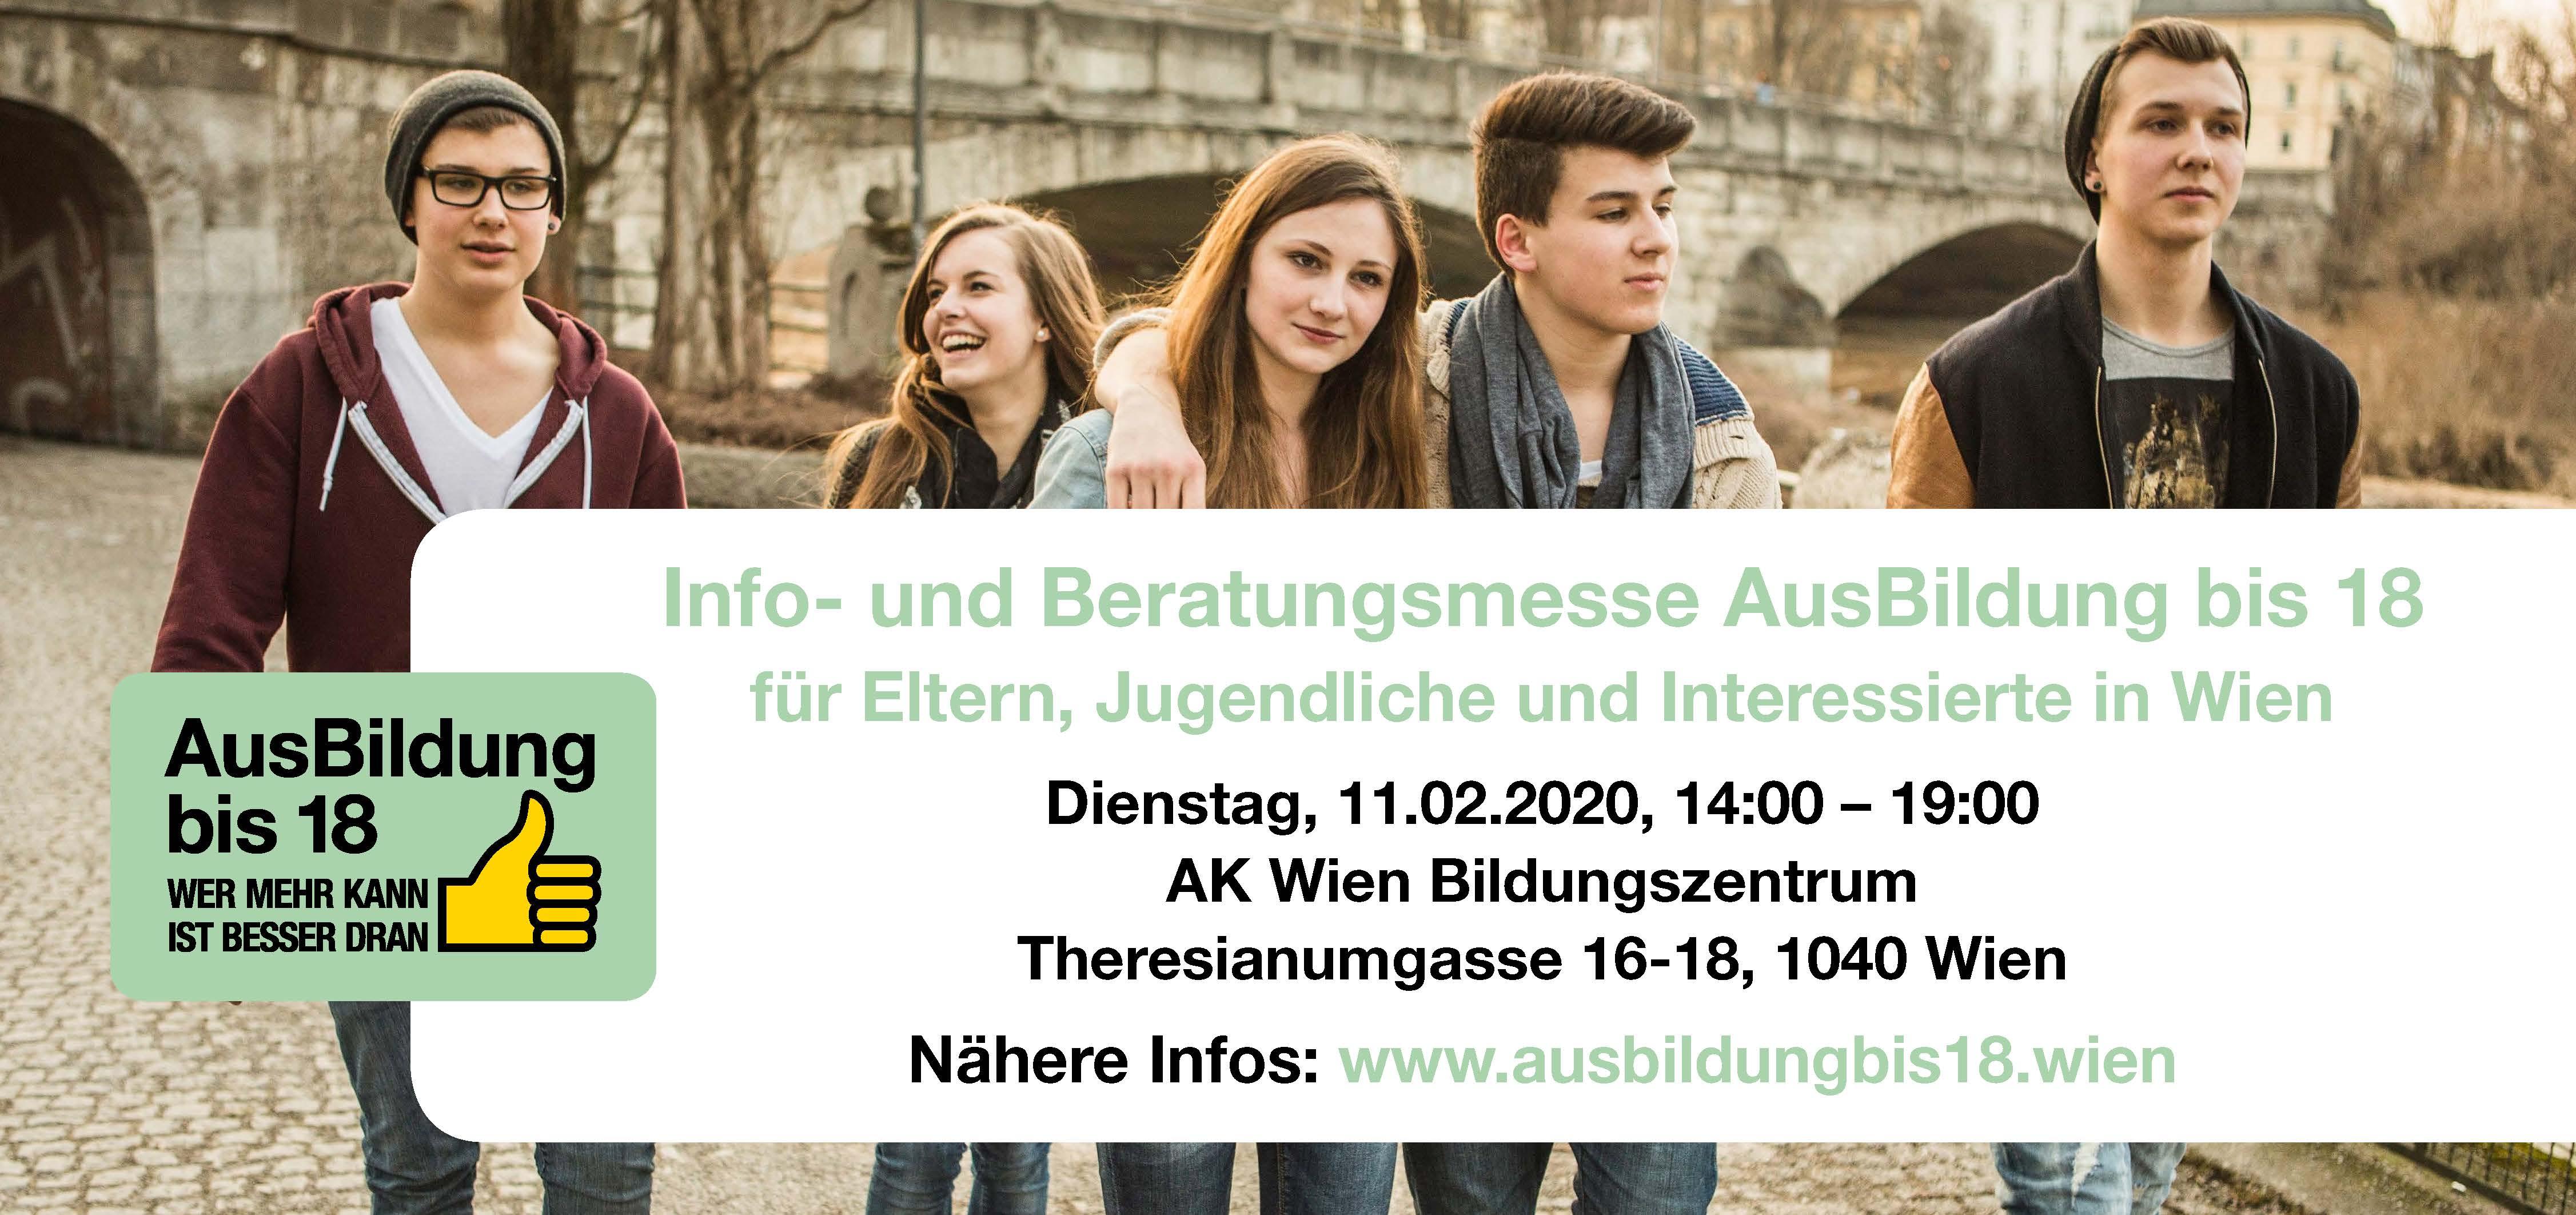 Info- und Beratungsmesse AusBildung bis 18